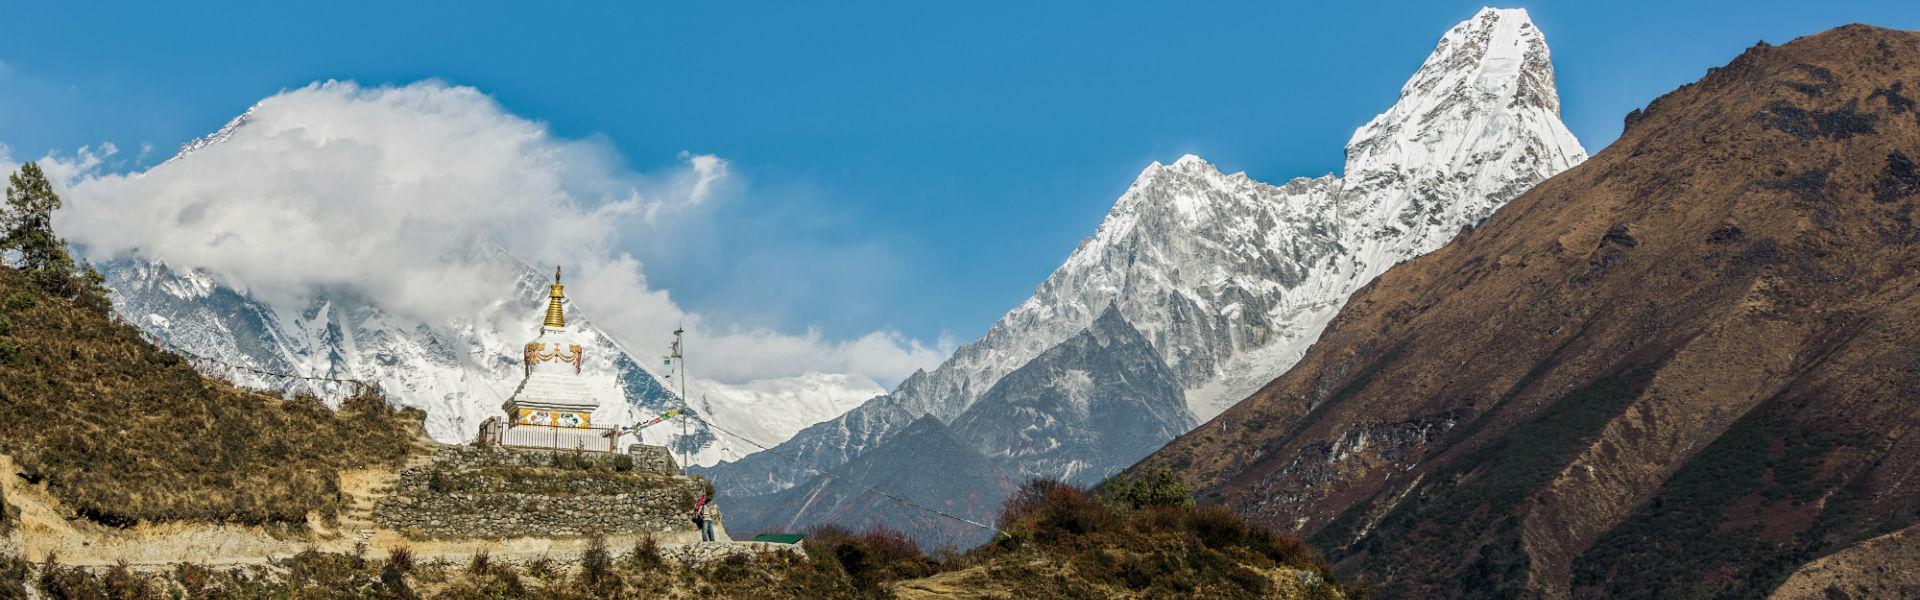 Altitude Sickness in Nepal: Everest View Trek